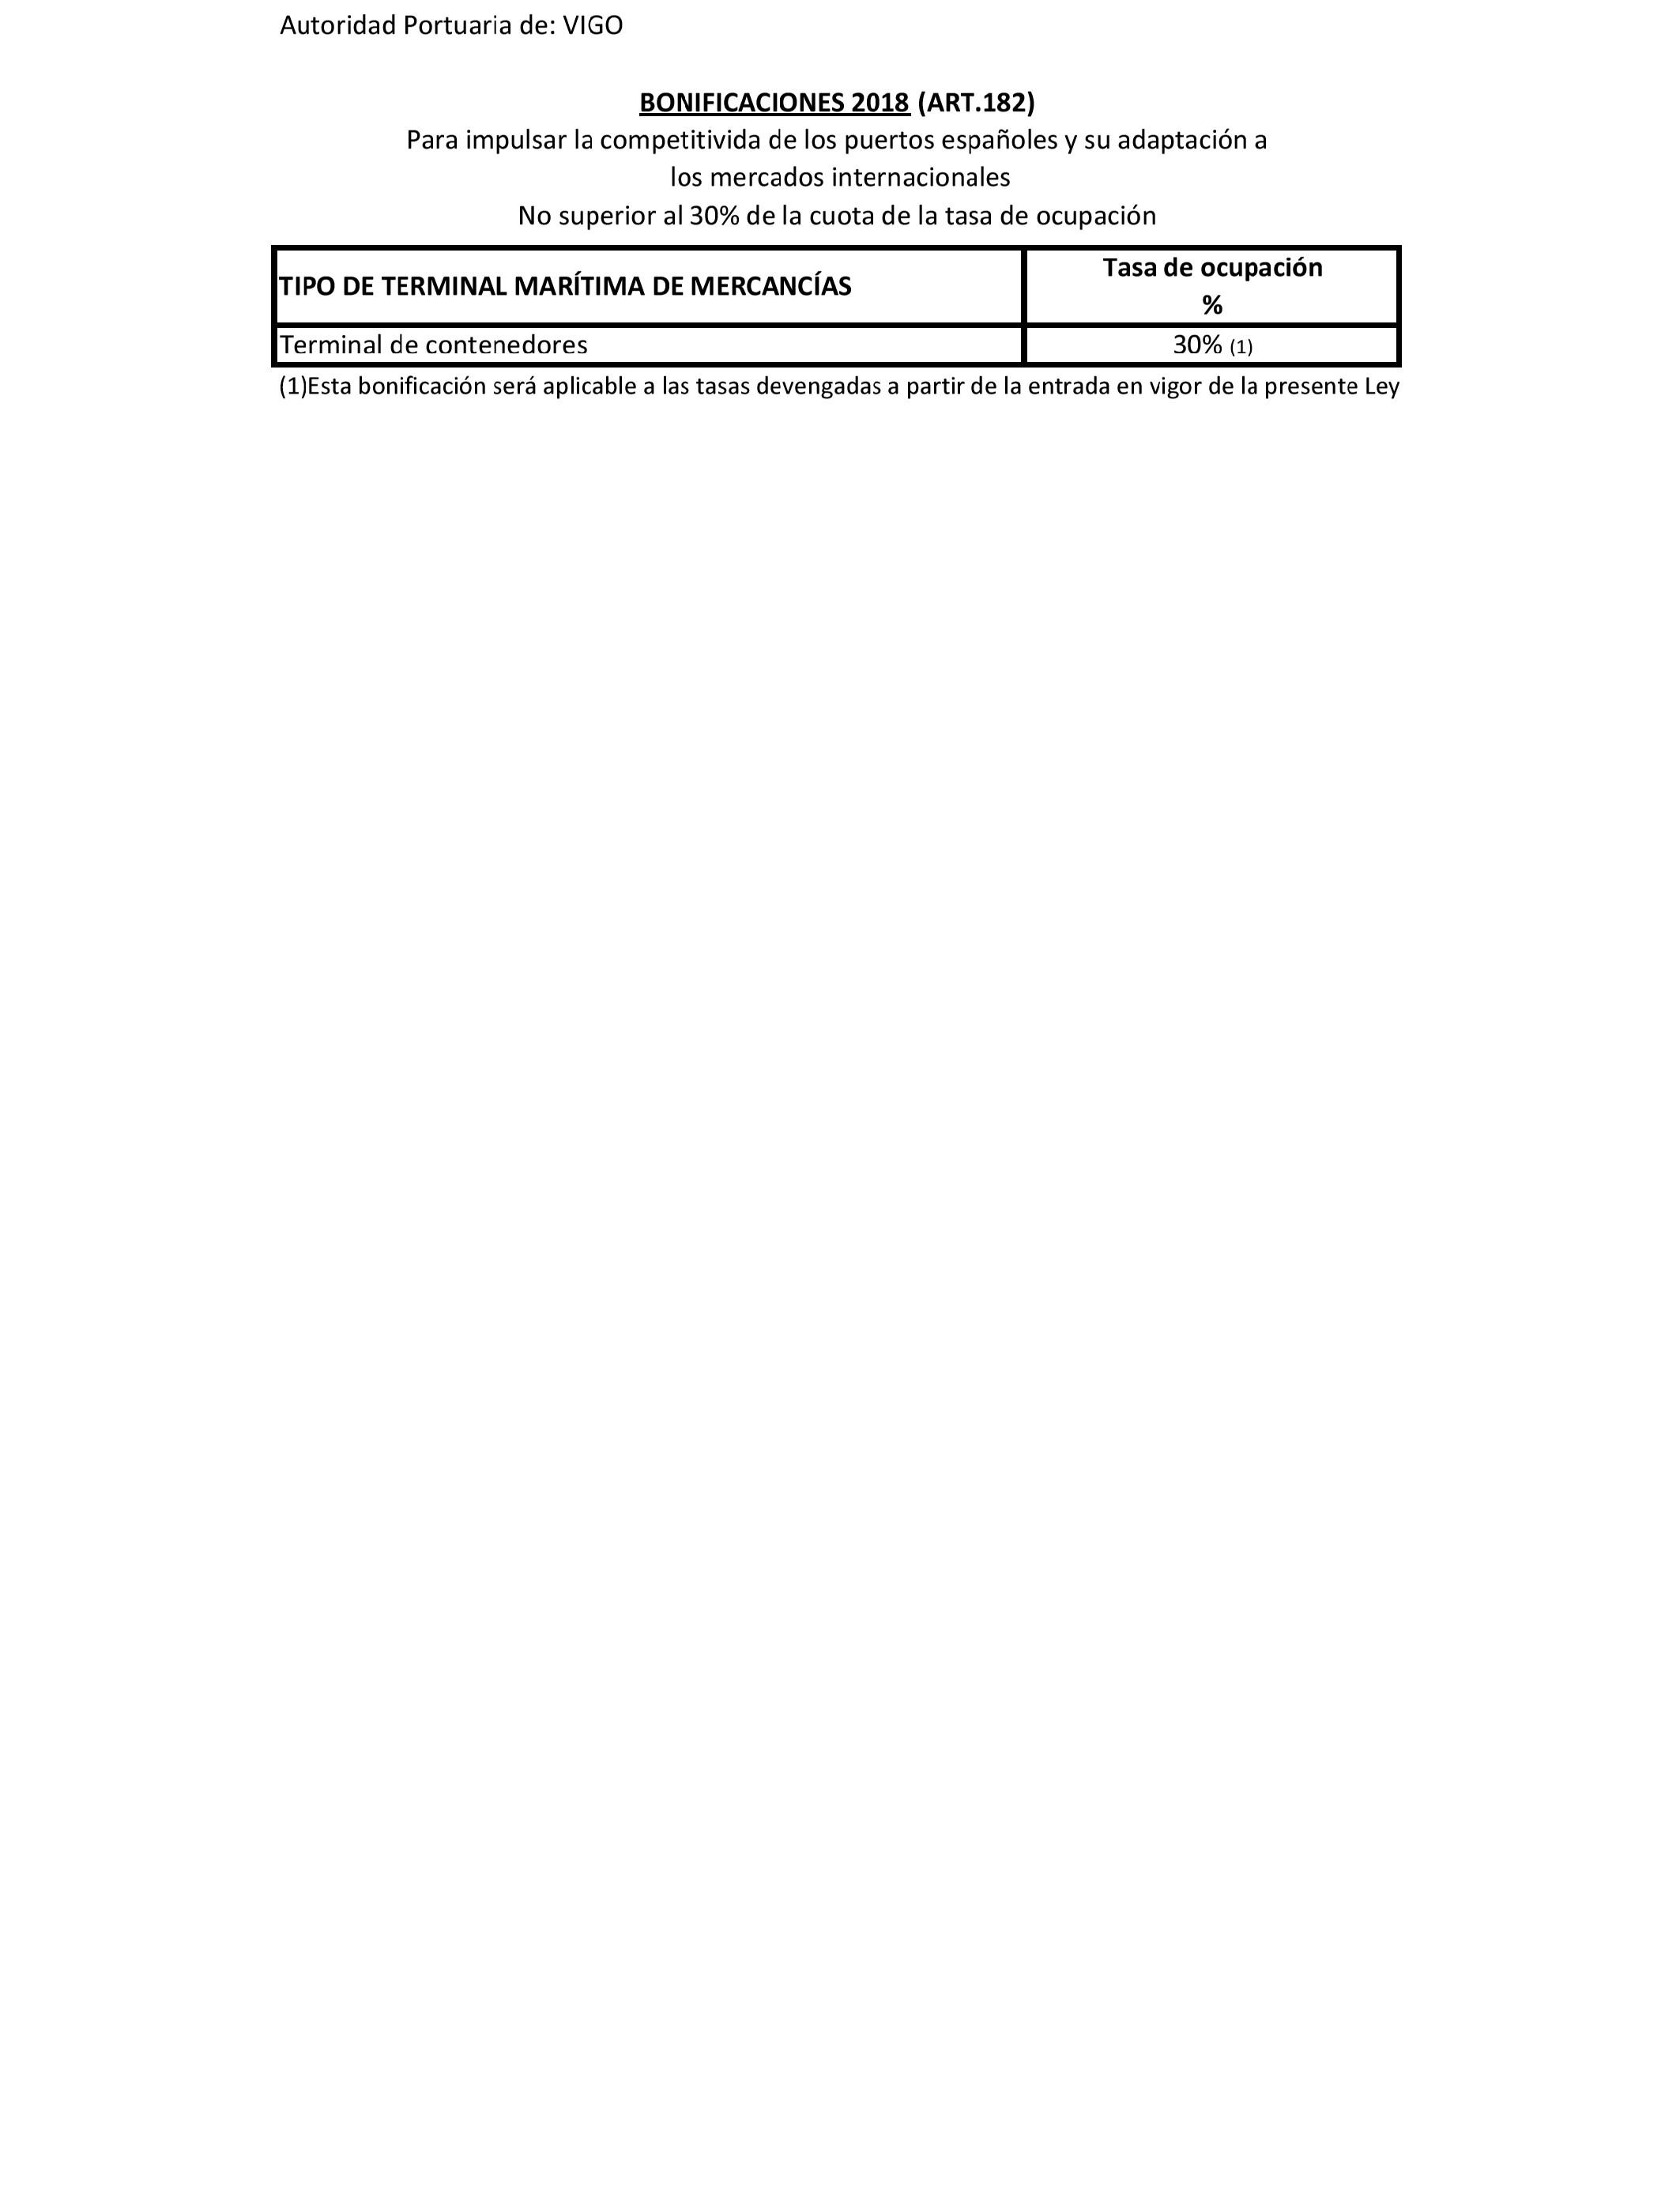 Calendario Escolar 2019 Vizcaya Actual Boe Documento Consolidado Boe A 2018 9268 Of Calendario Escolar 2019 Vizcaya Mejores Y Más Novedosos Calaméo Gara